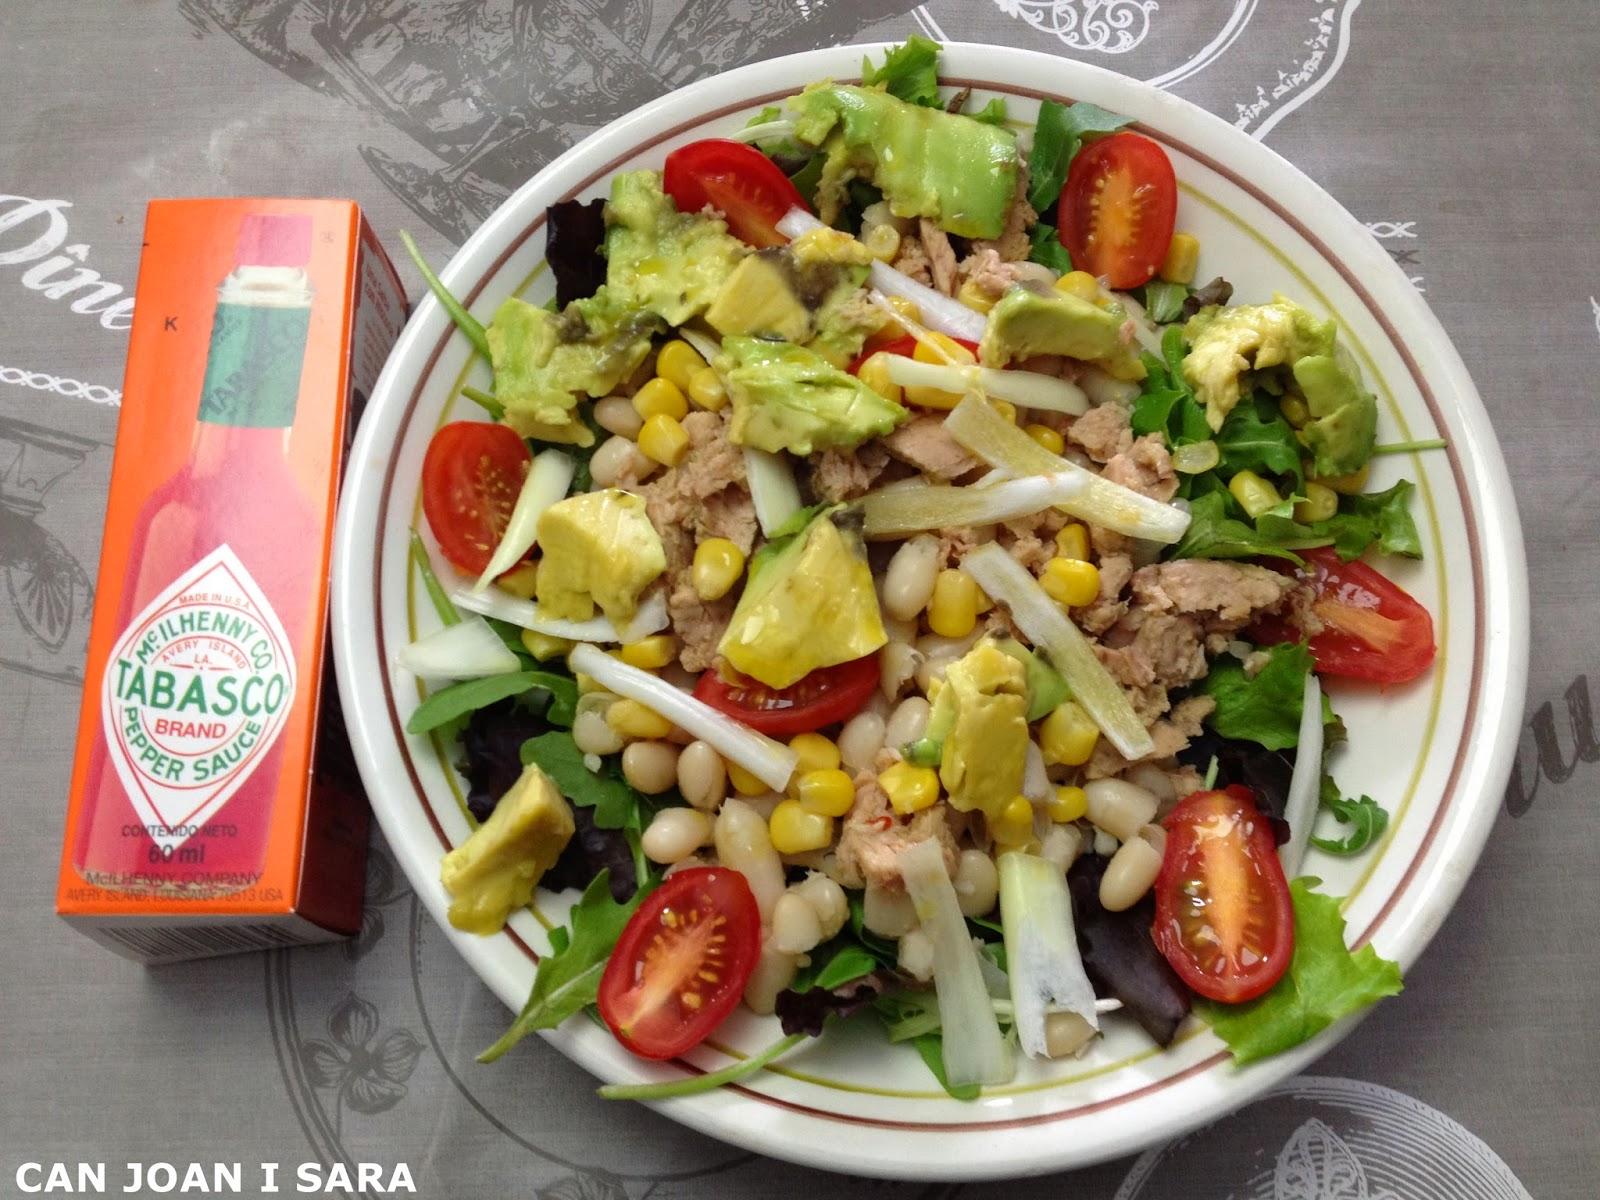 Ensalada de alubias y aguacate recetas de cocina - Ensalada de alubias ...